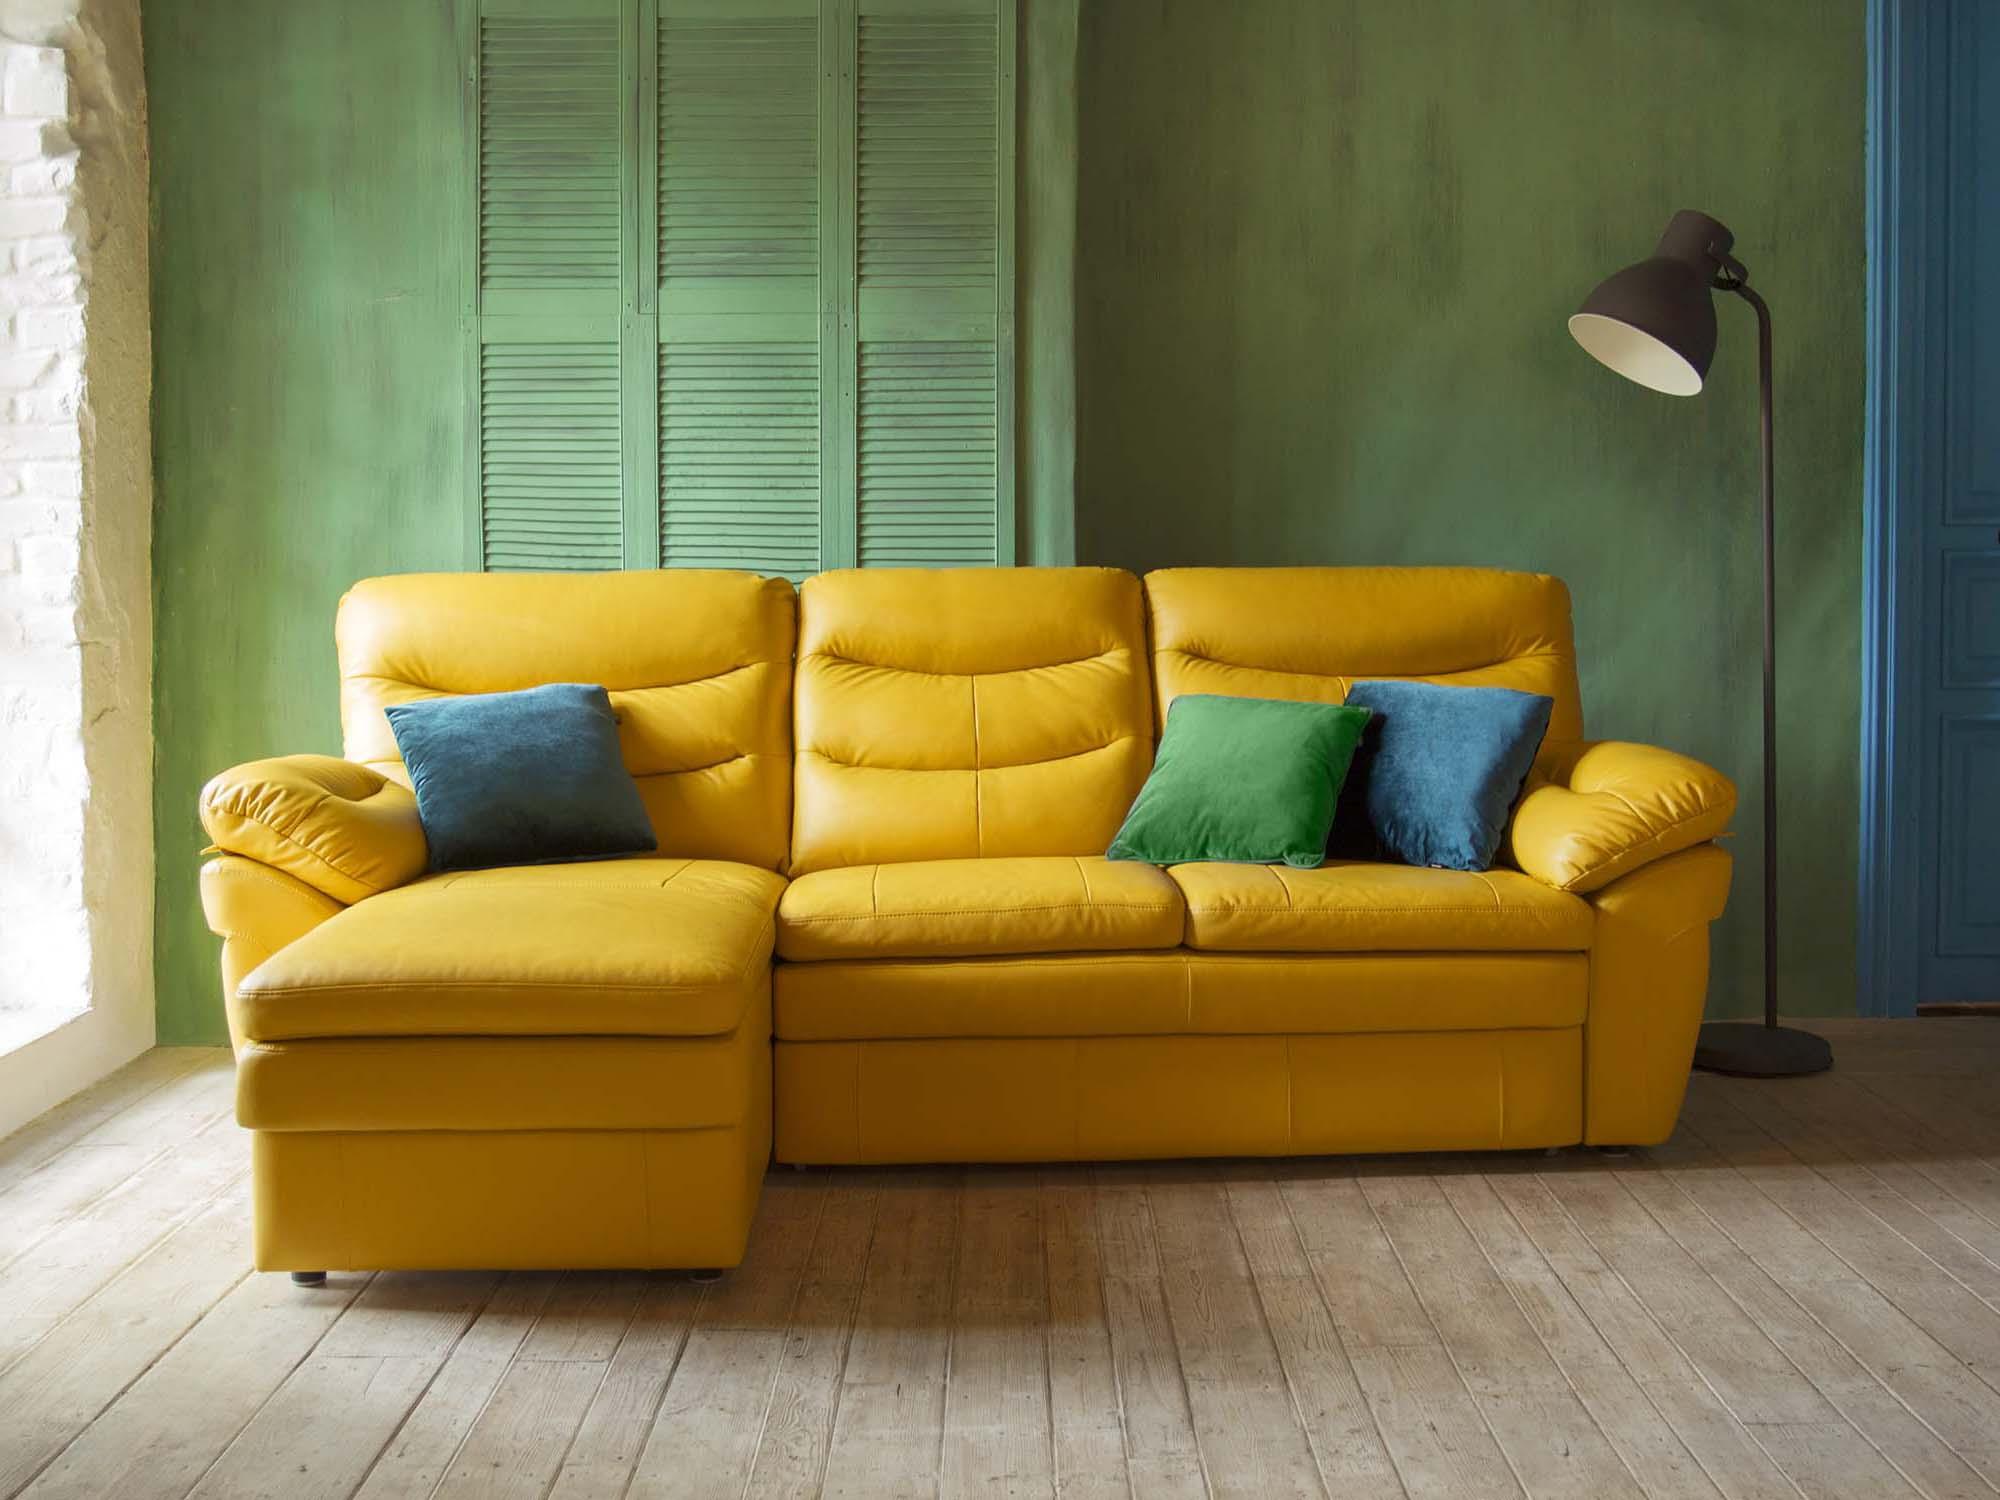 Перетяжка дивана кожей желтого цвета